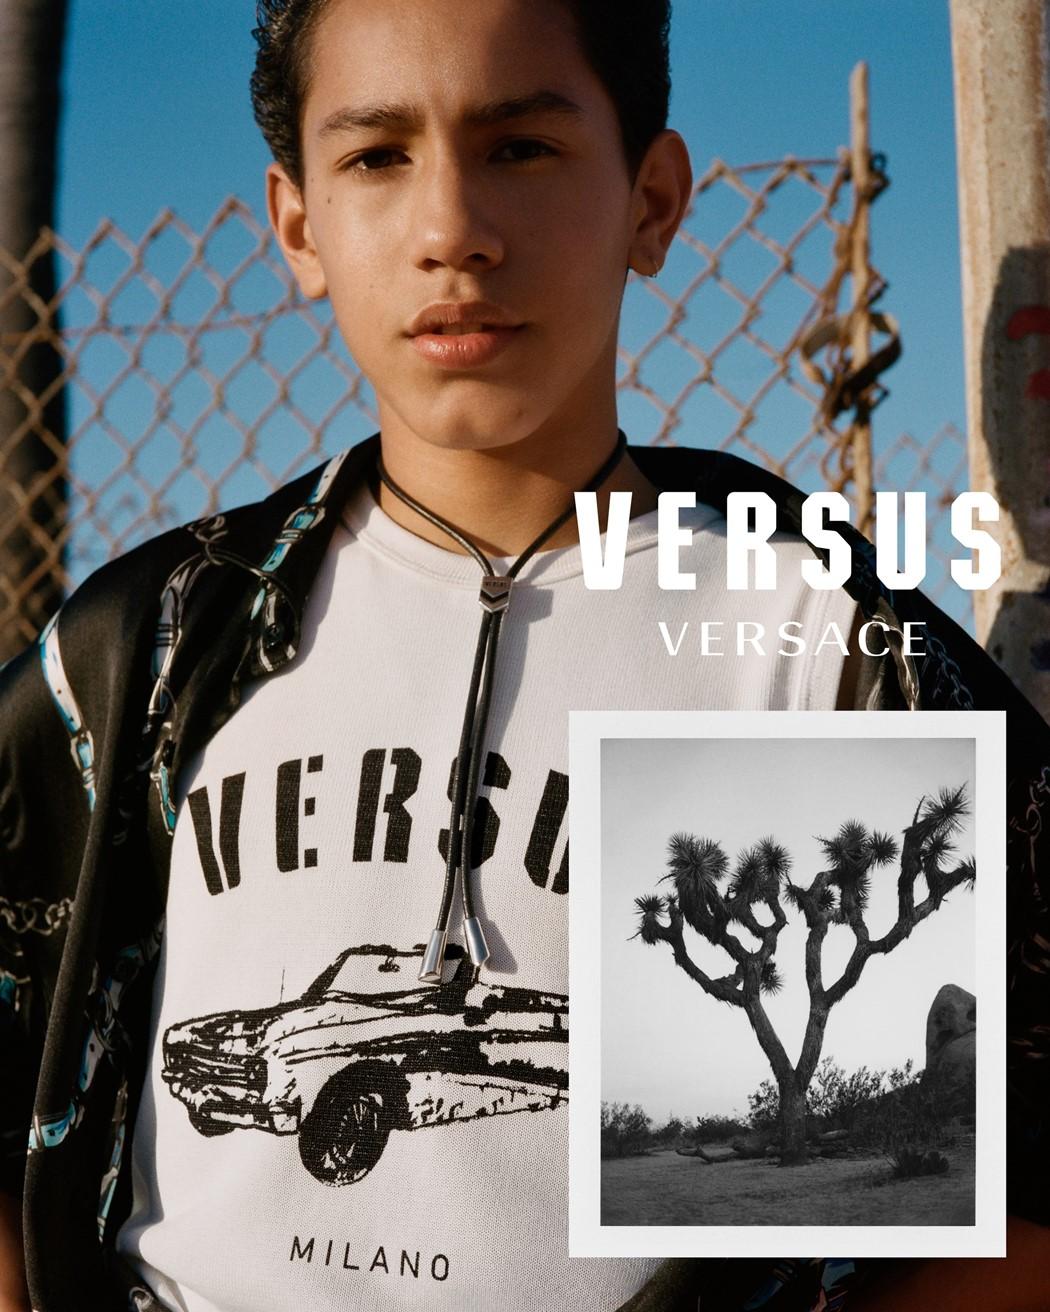 Versus Versace